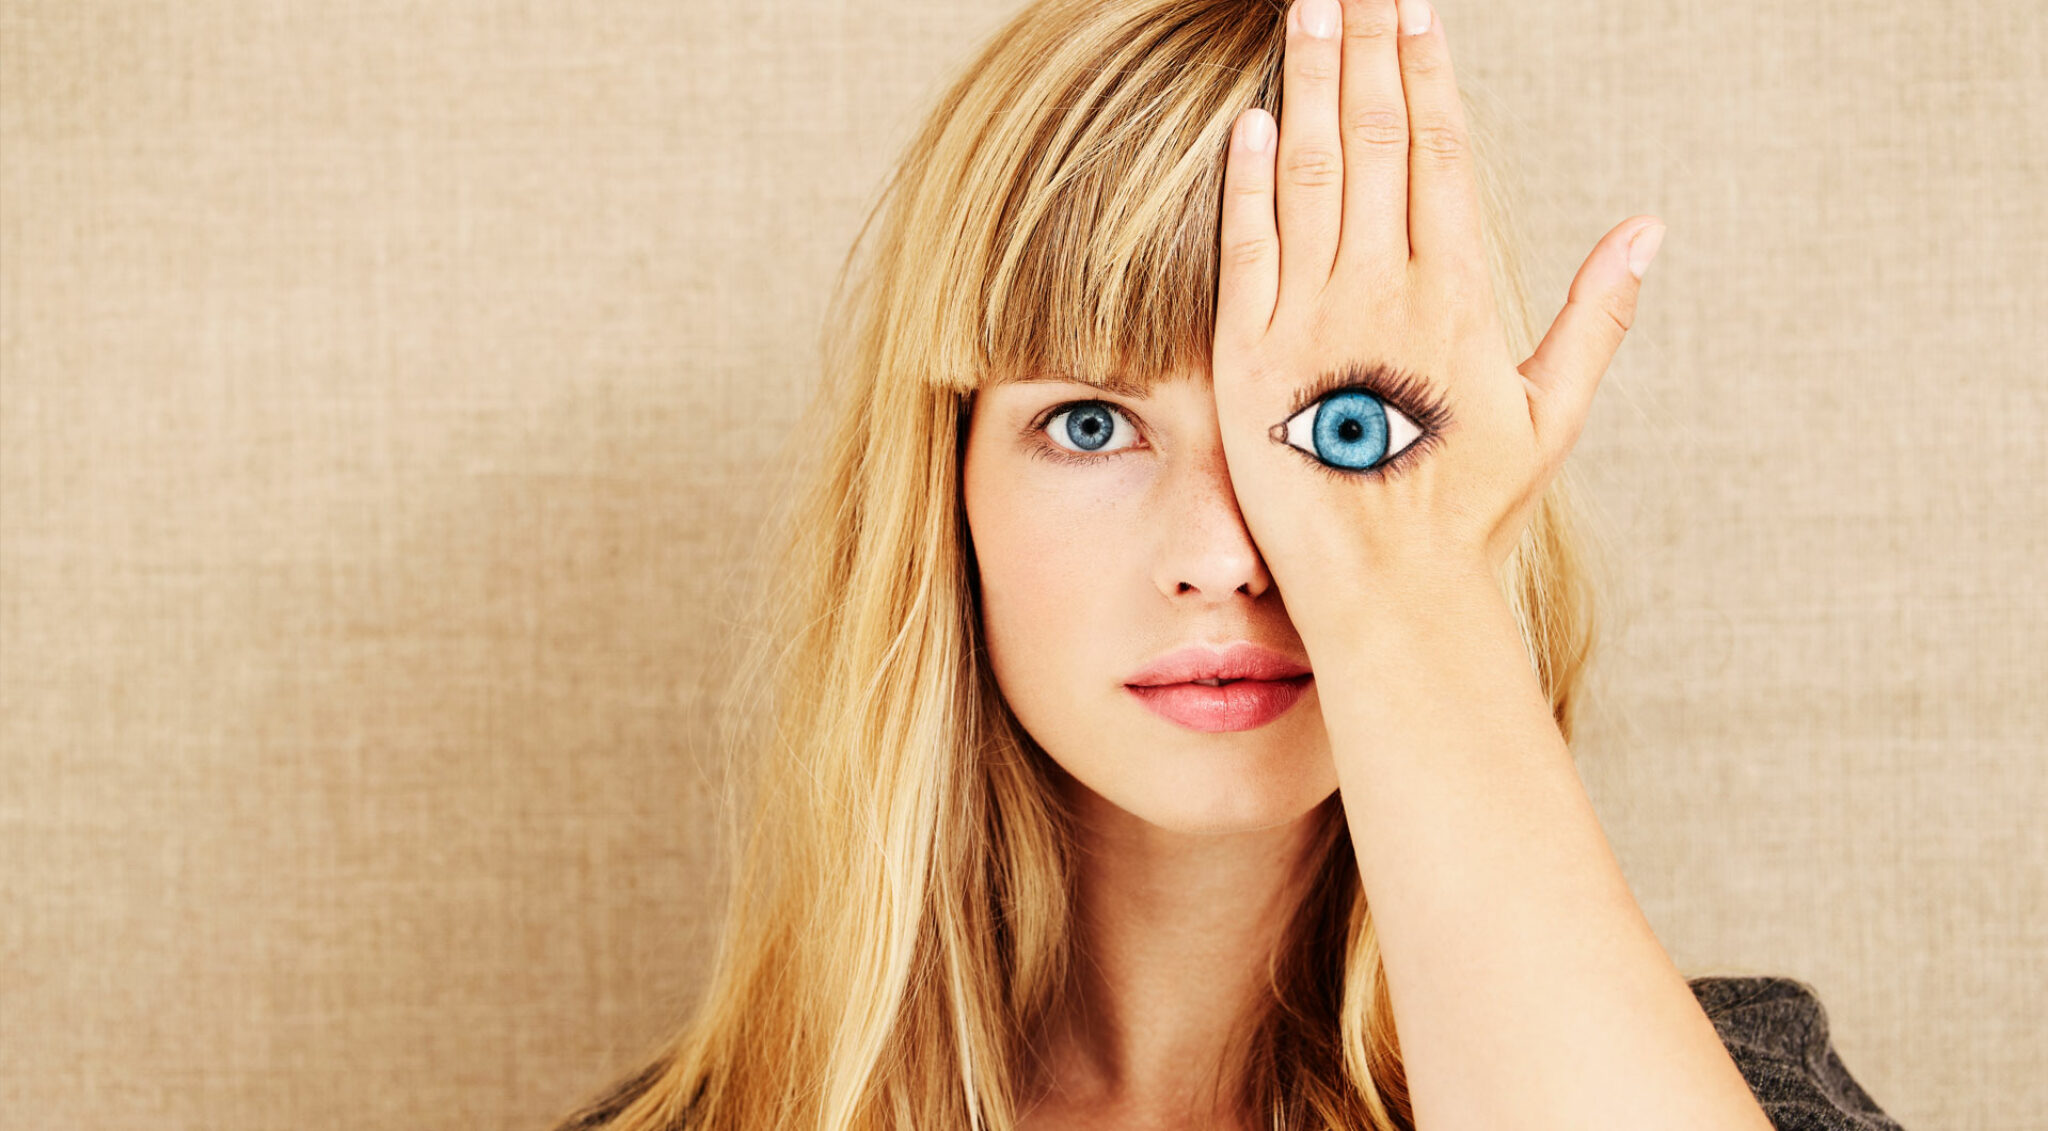 Eine Frau hält sich ihre Hand mit einem aufgemalten Auge vor das Gesicht.